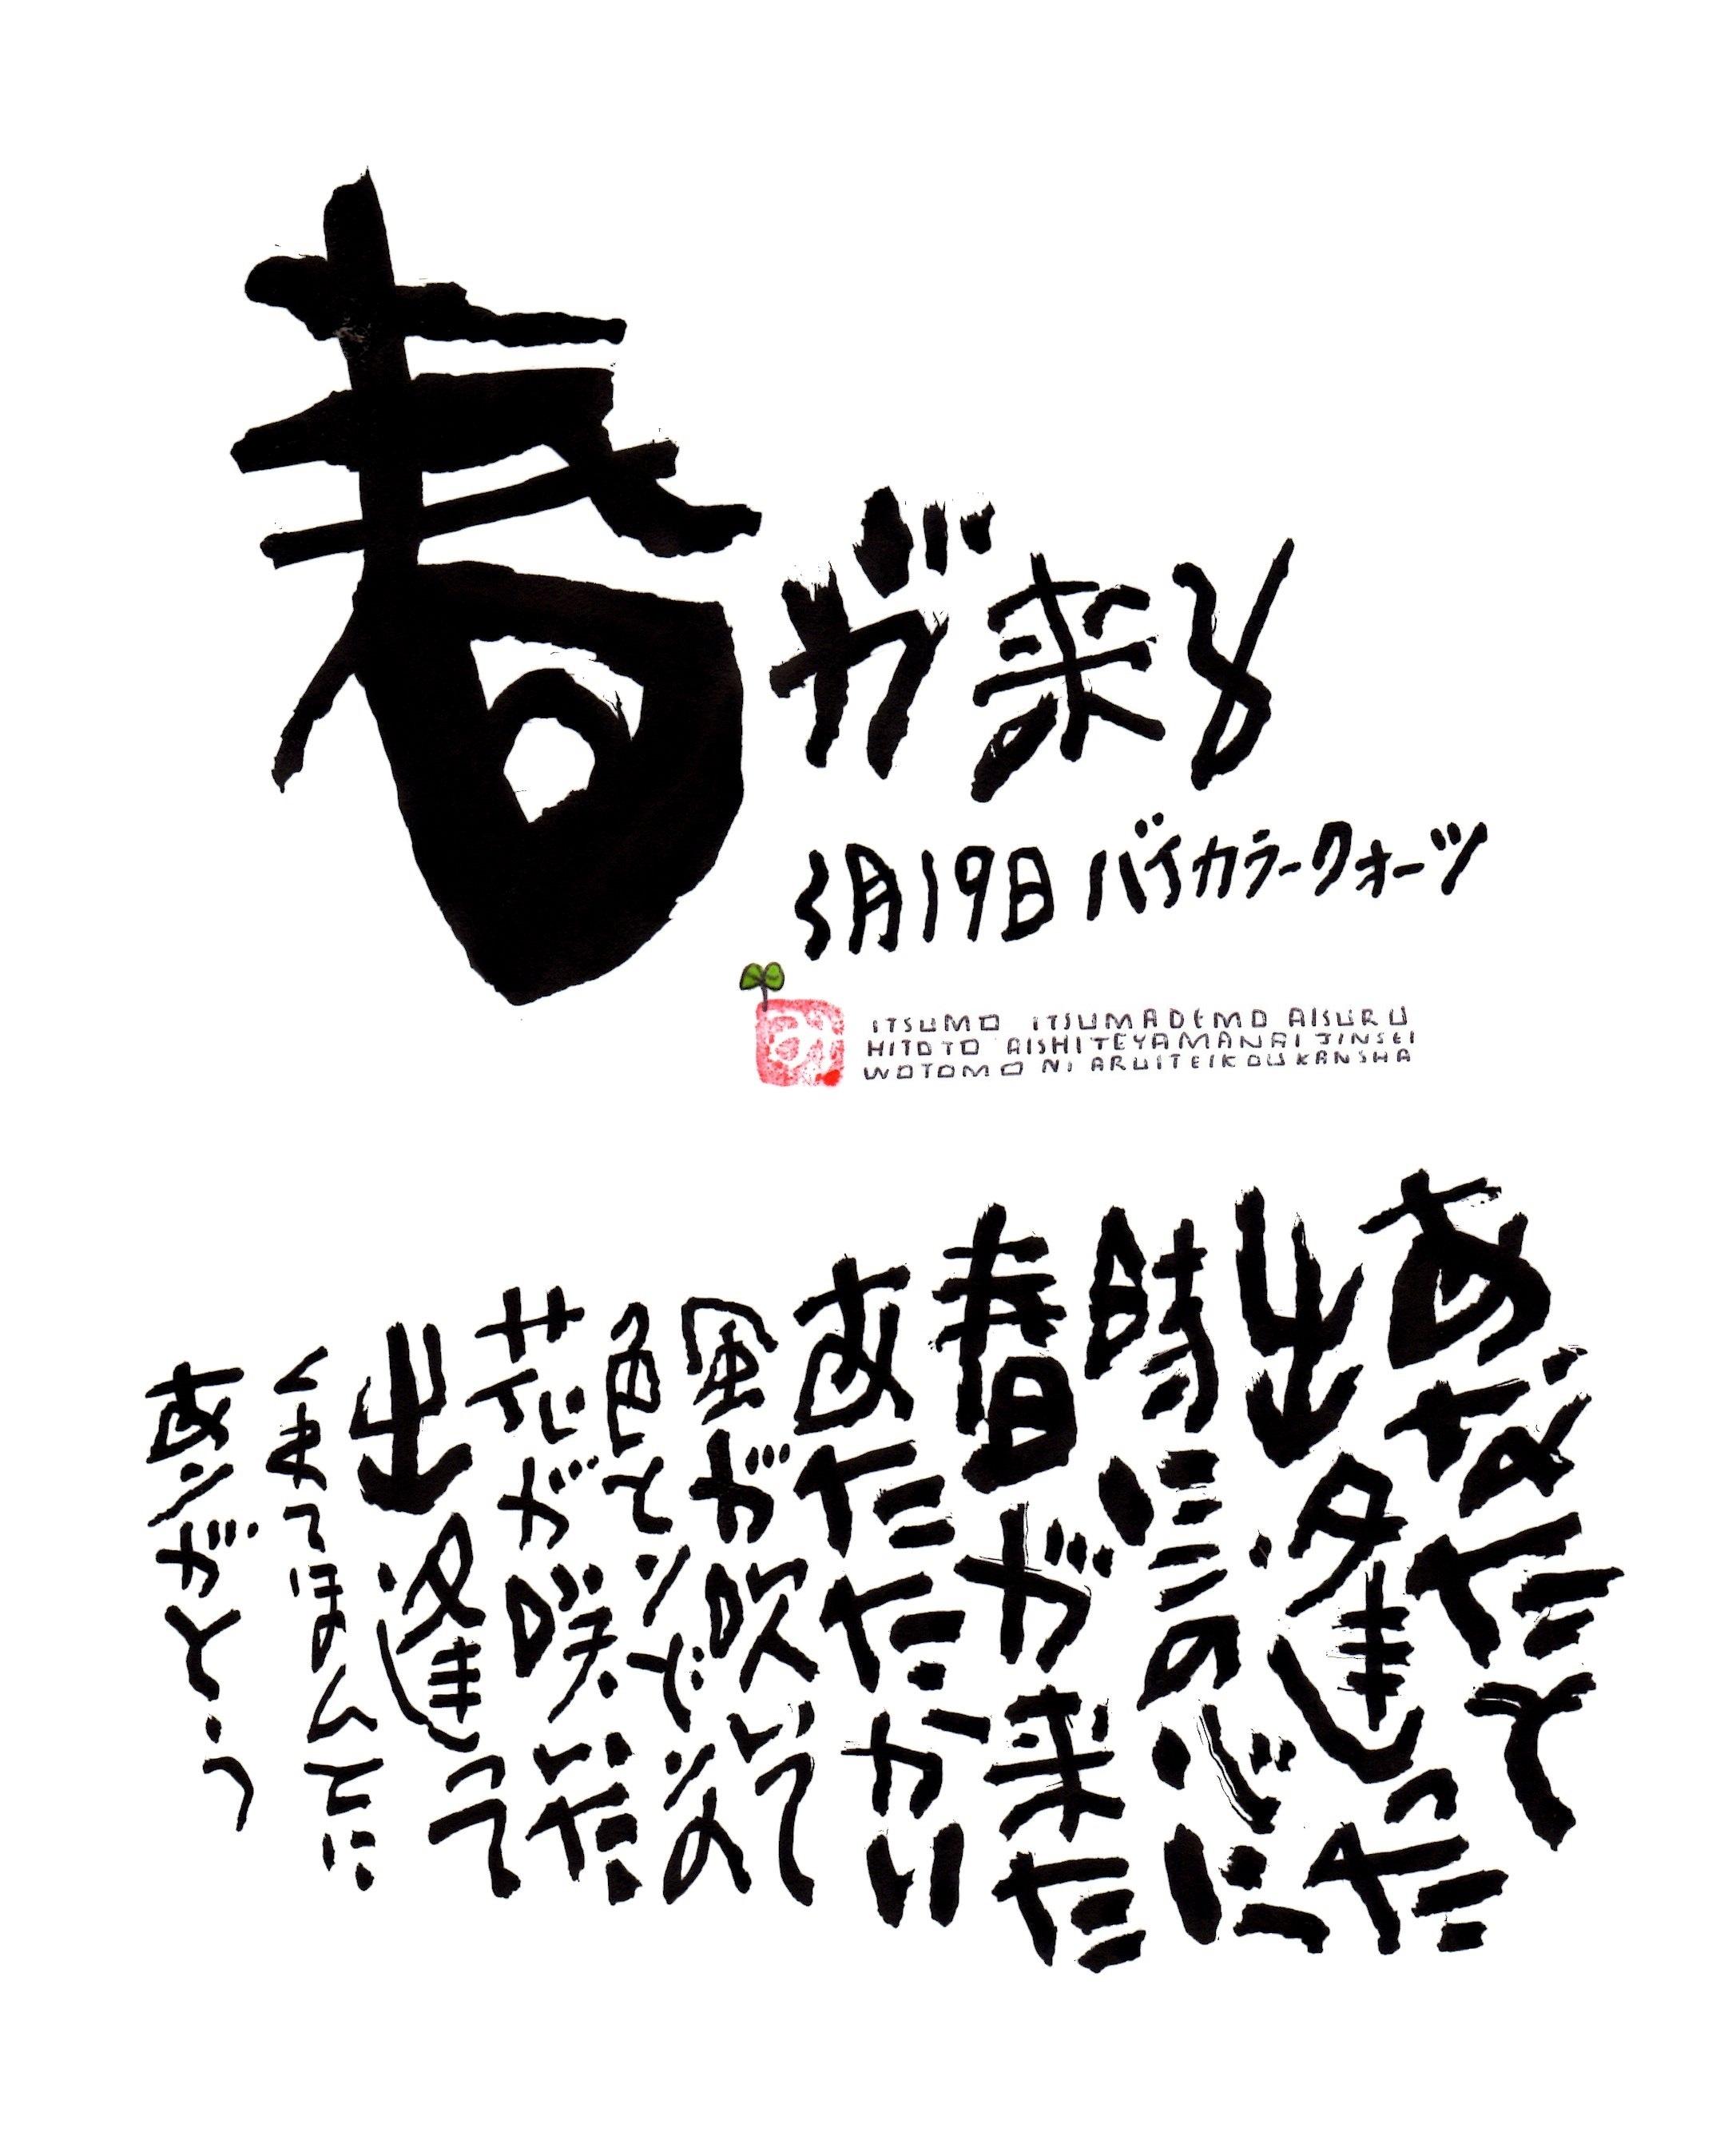 3月19日 結婚記念日ポストカード【春が来る】